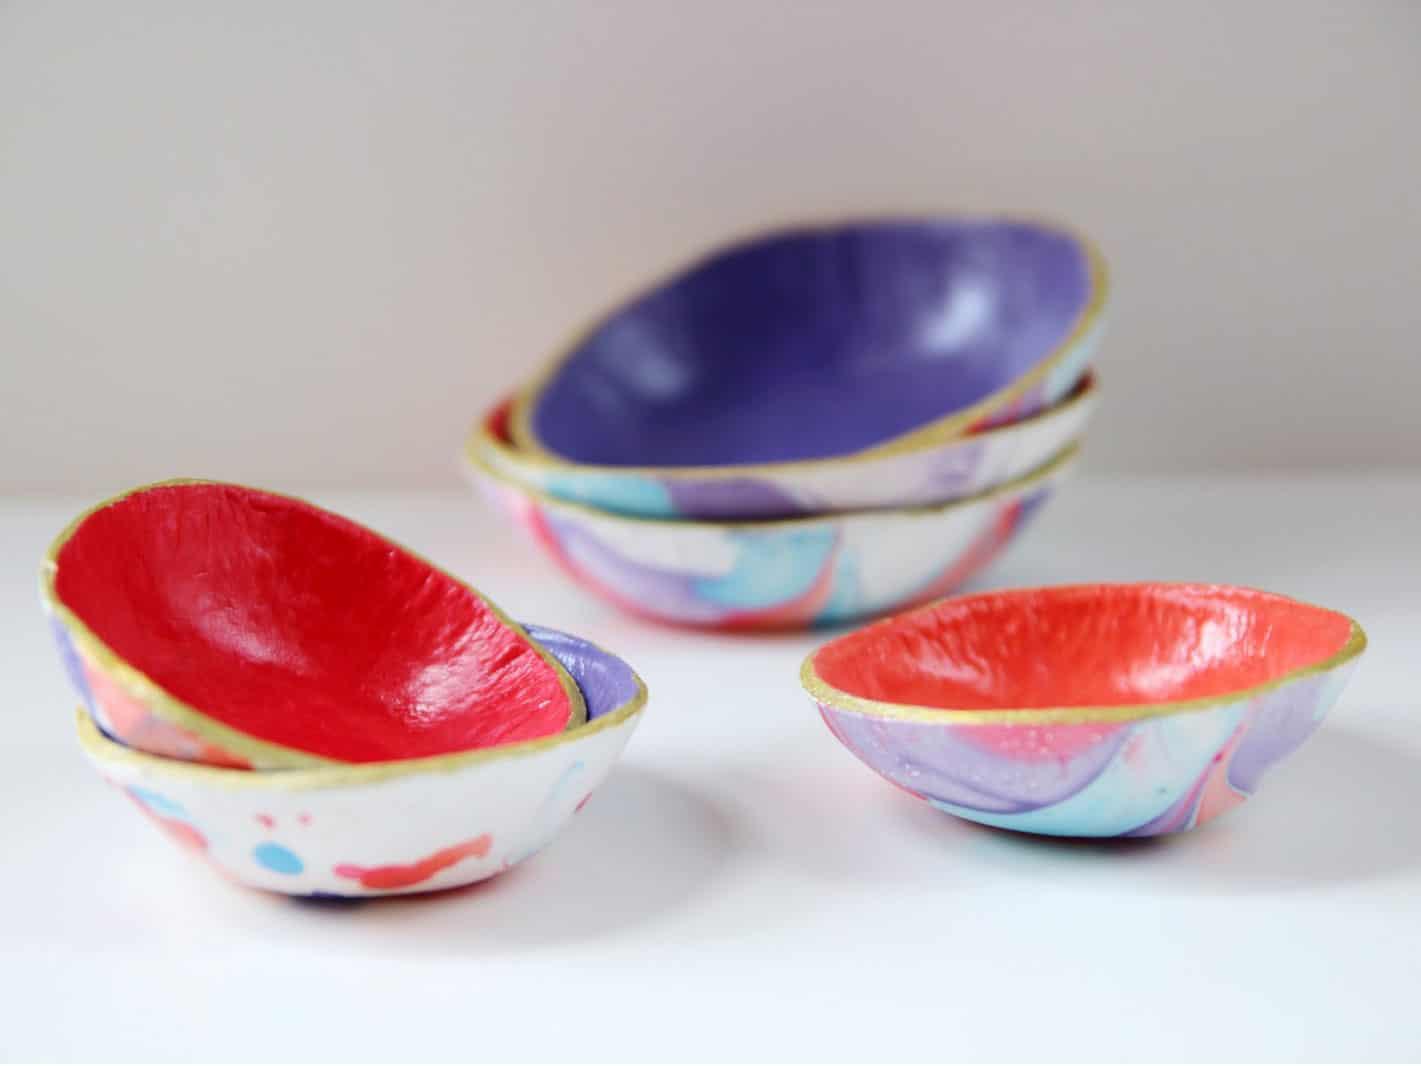 Marbled nail polish bowls